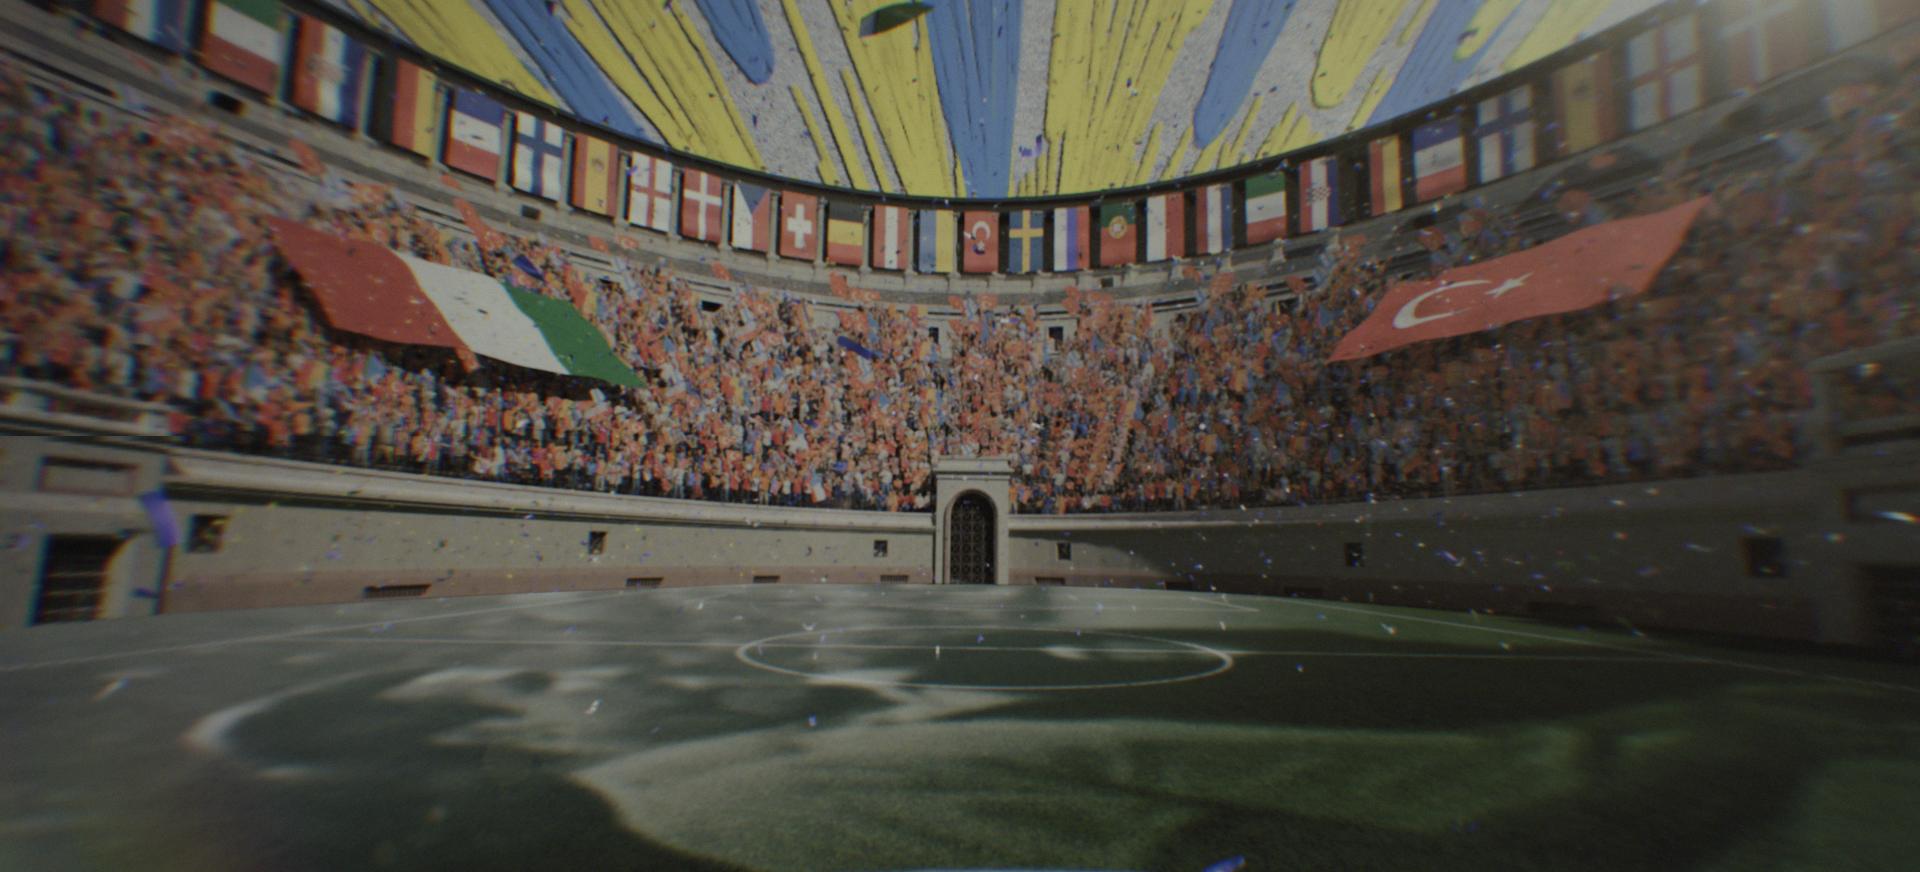 Colosseum_Stadium_SF_v003%20(0-00-00-00)